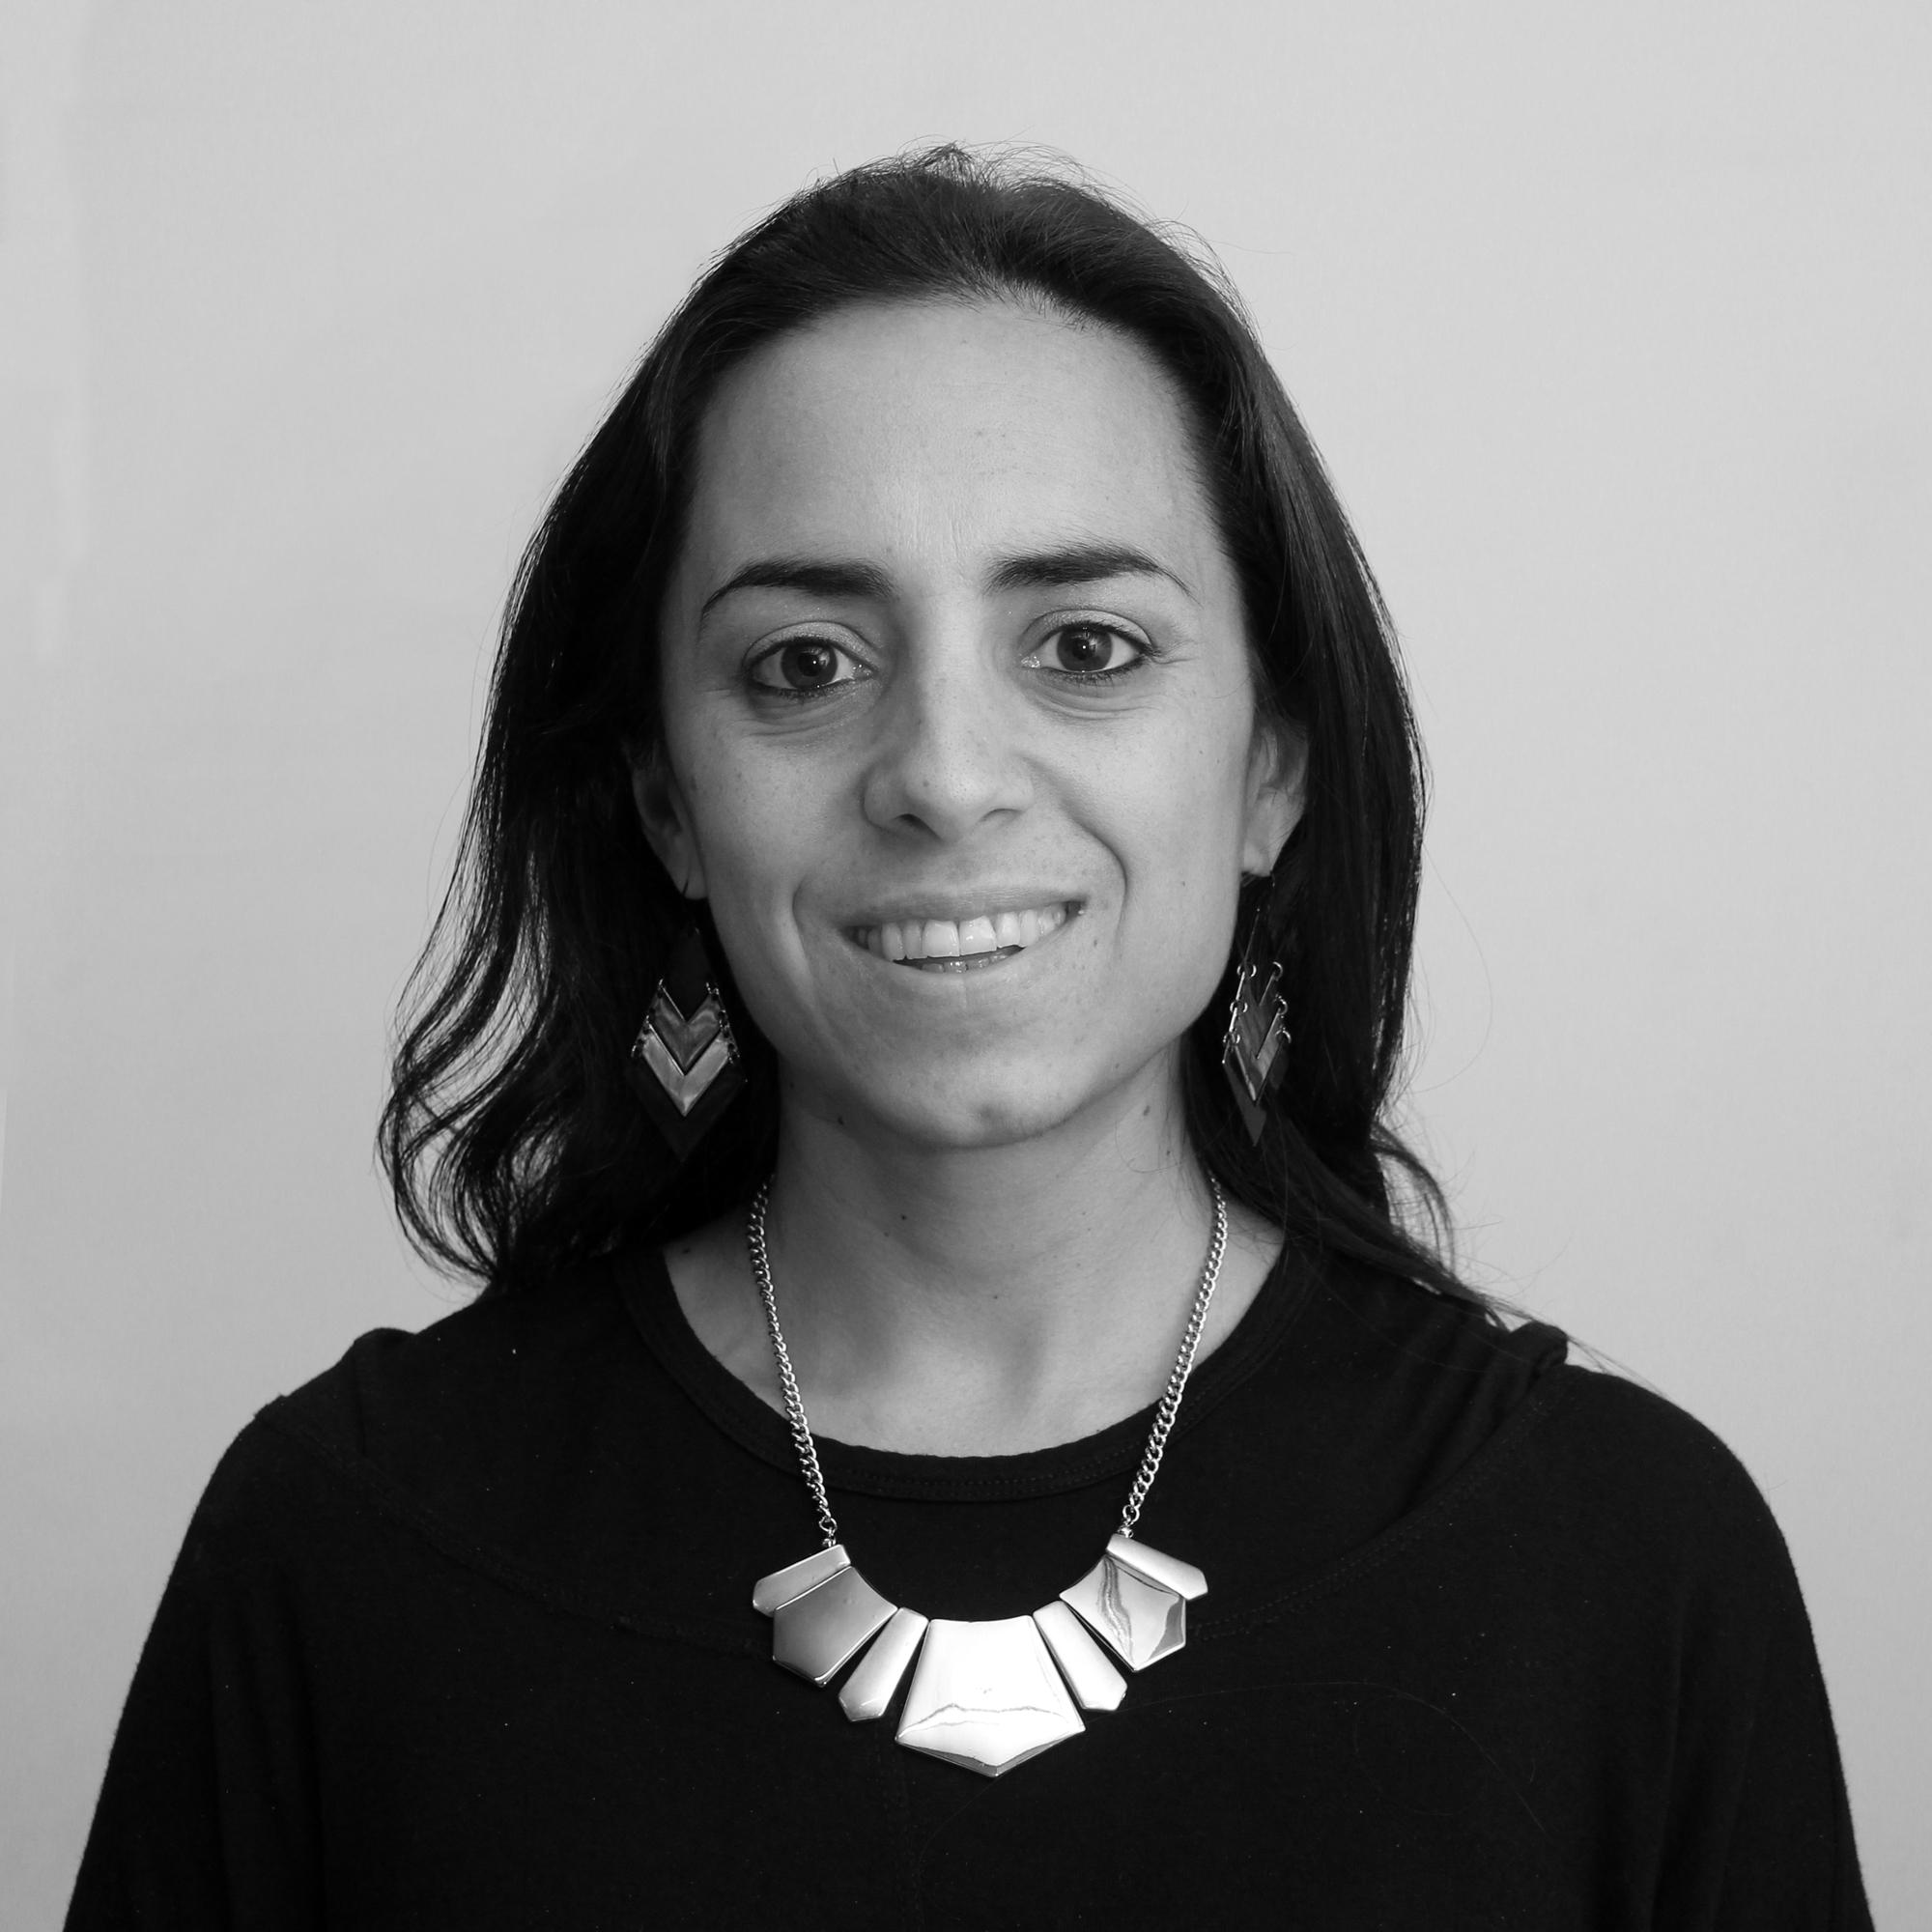 María Belén Herrero